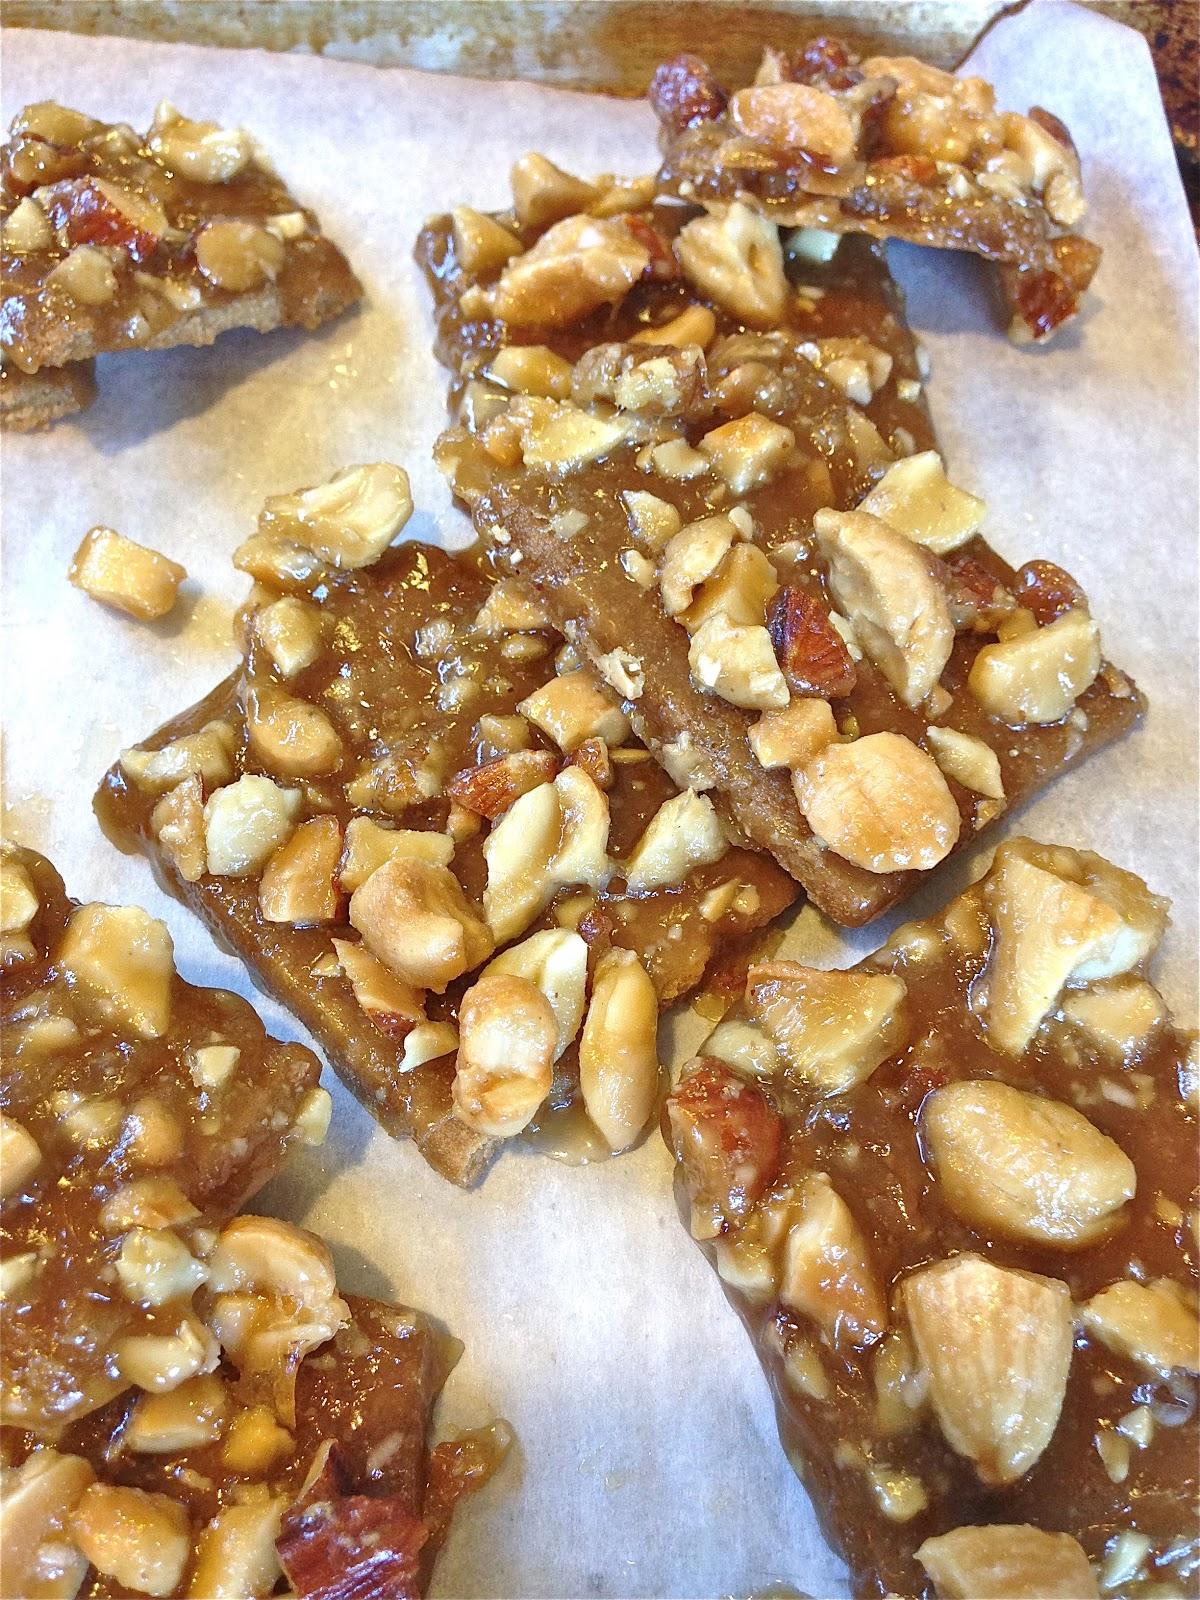 ... Busy Kitchen: Graham Cracker Toffee Nut Bars - make it gluten free